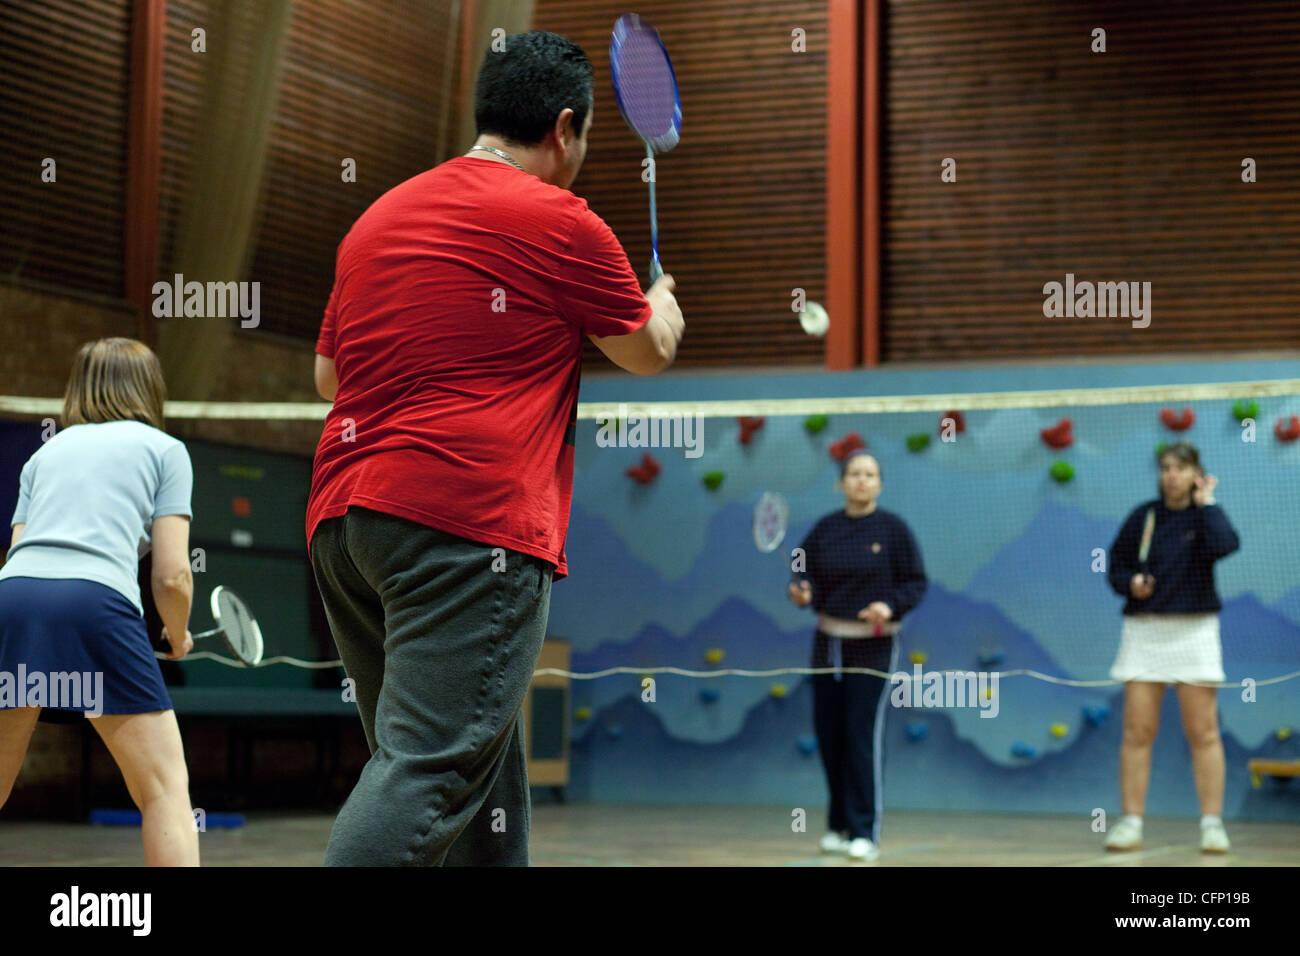 Personnes jouant un jeu de badminton de doubles, Newmarket Suffolk UK Photo Stock